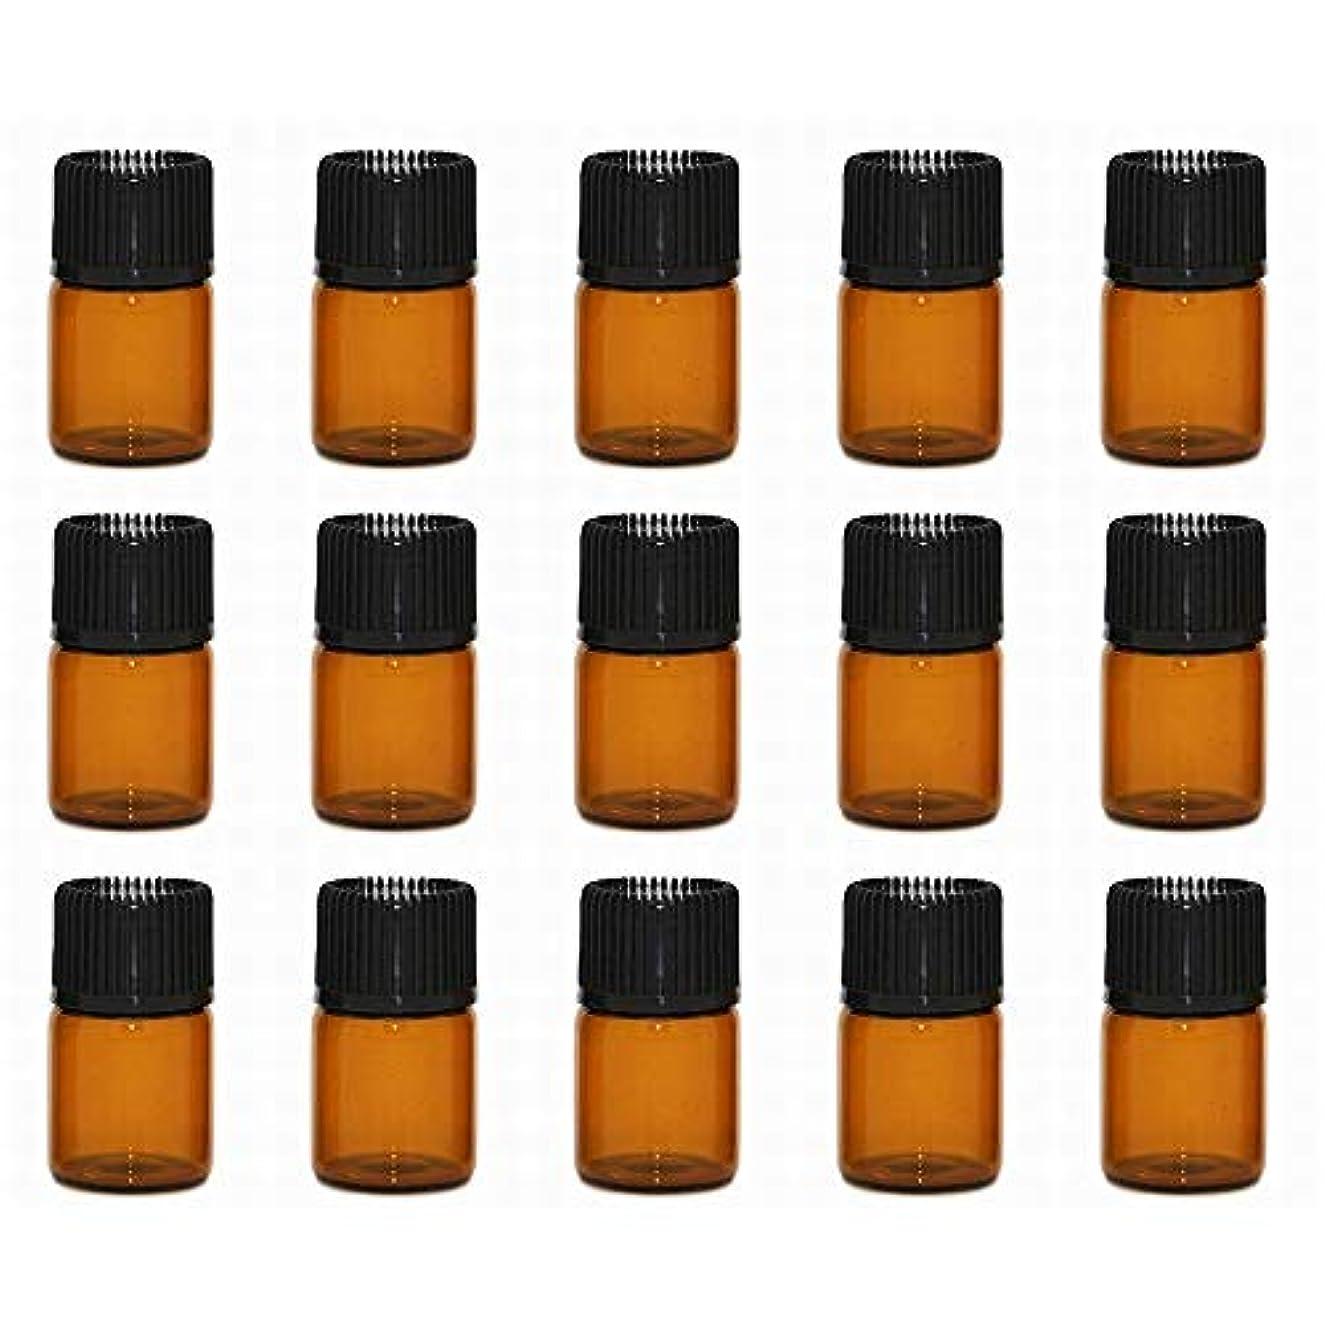 電池腐敗したエンジニアアロマオイル 精油 小分け用 遮光瓶 セット (1ml 20本 セット)